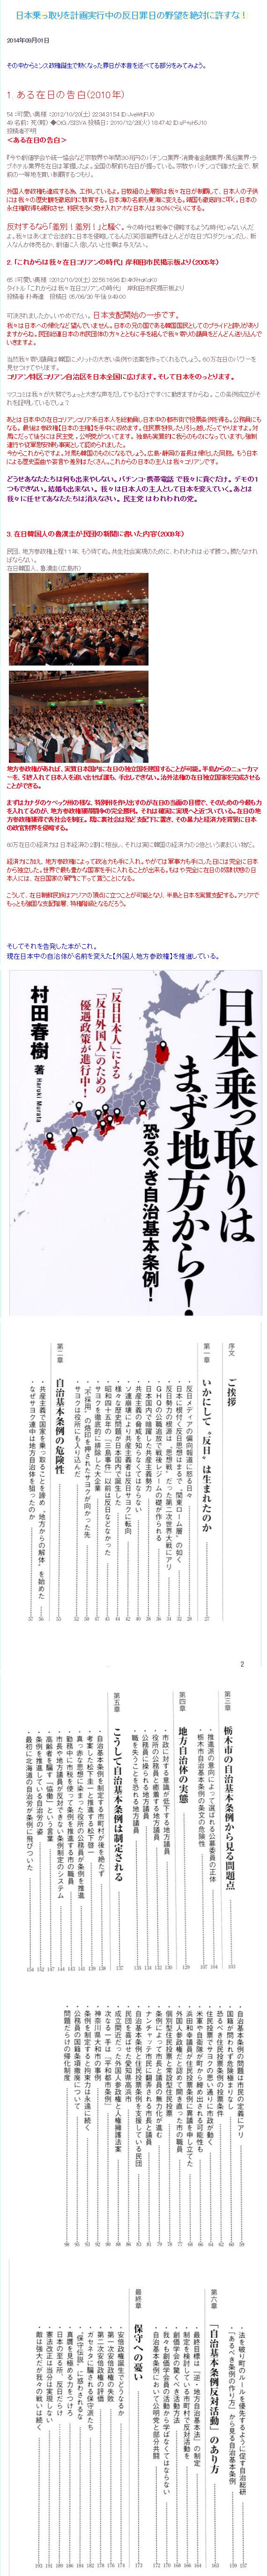 在日朝鮮人が企む「日本乗っ取り」1